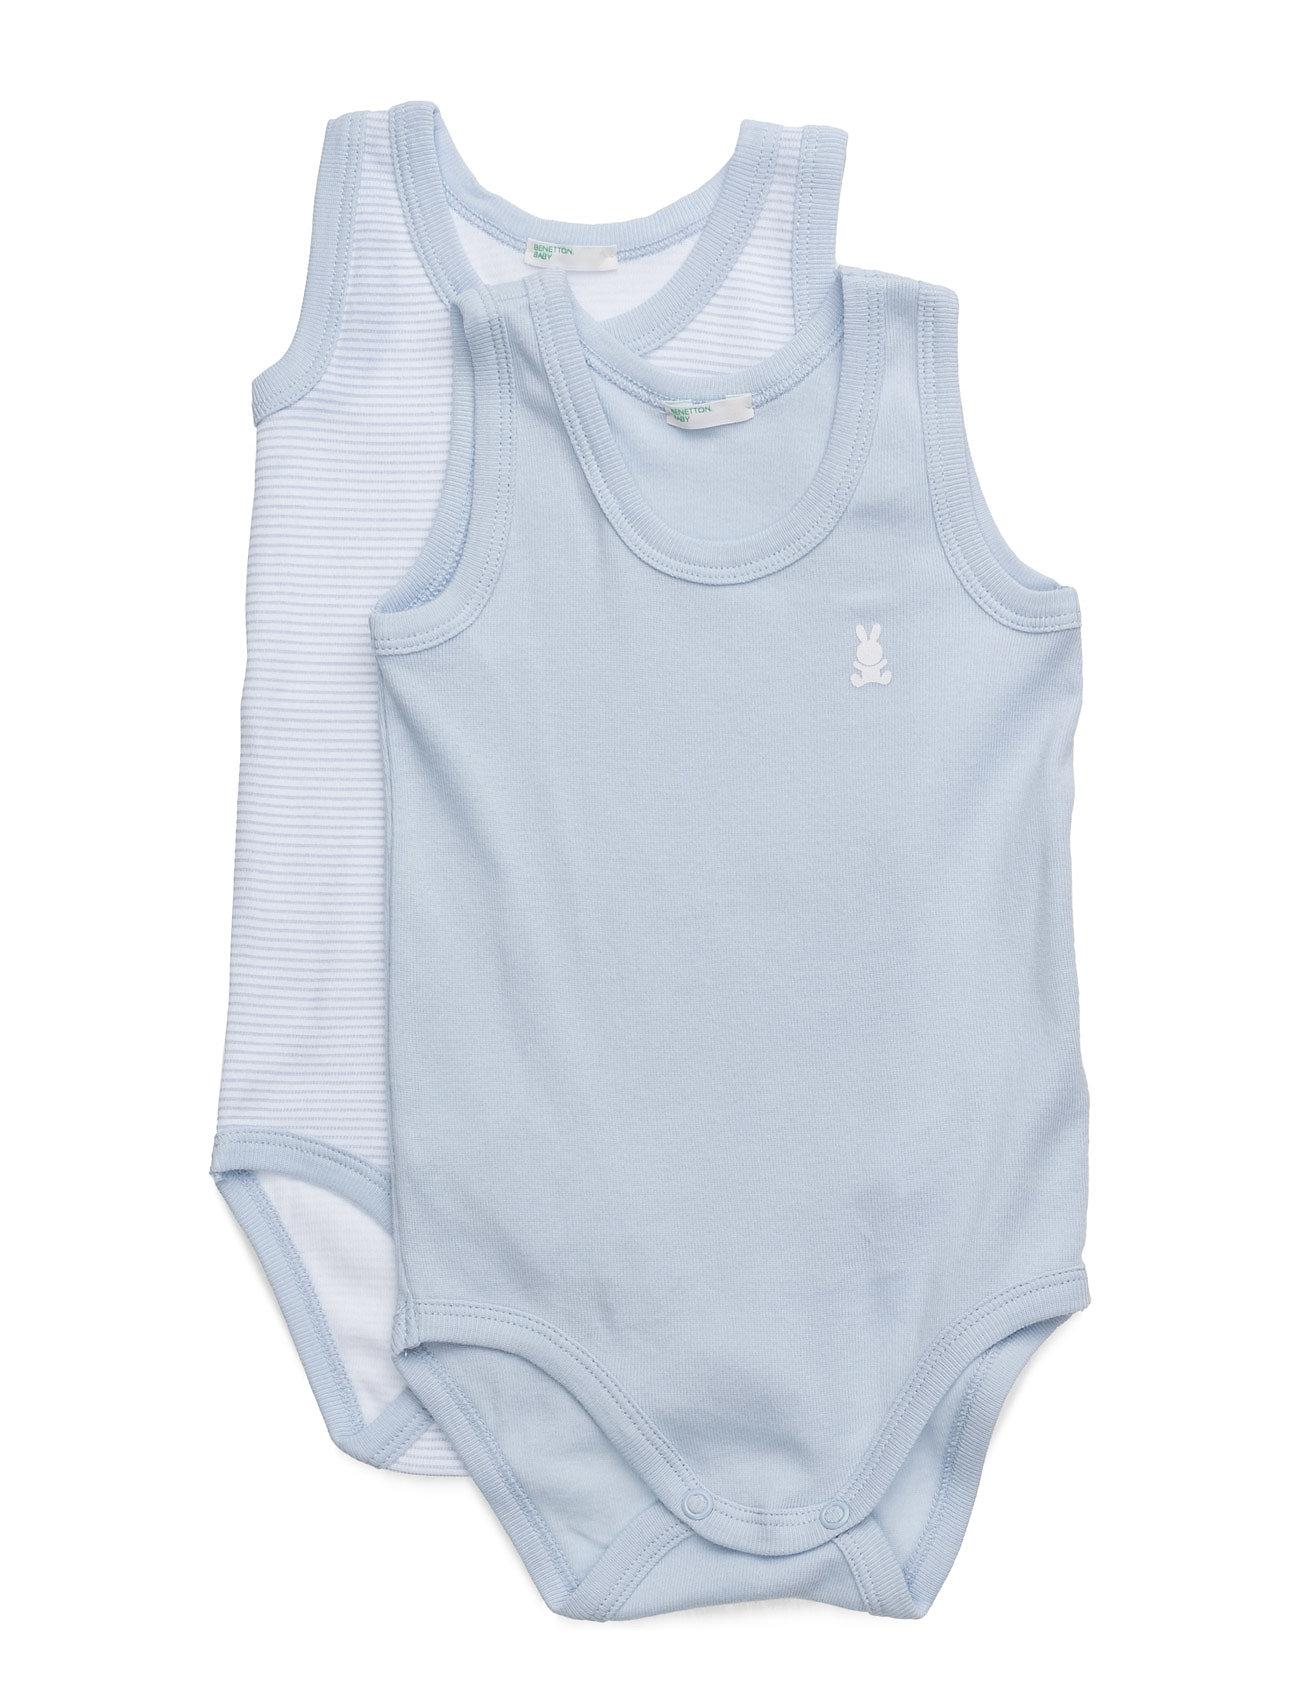 2 Bodysuit United Colors of Benetton Langærmede bodies til Børn i